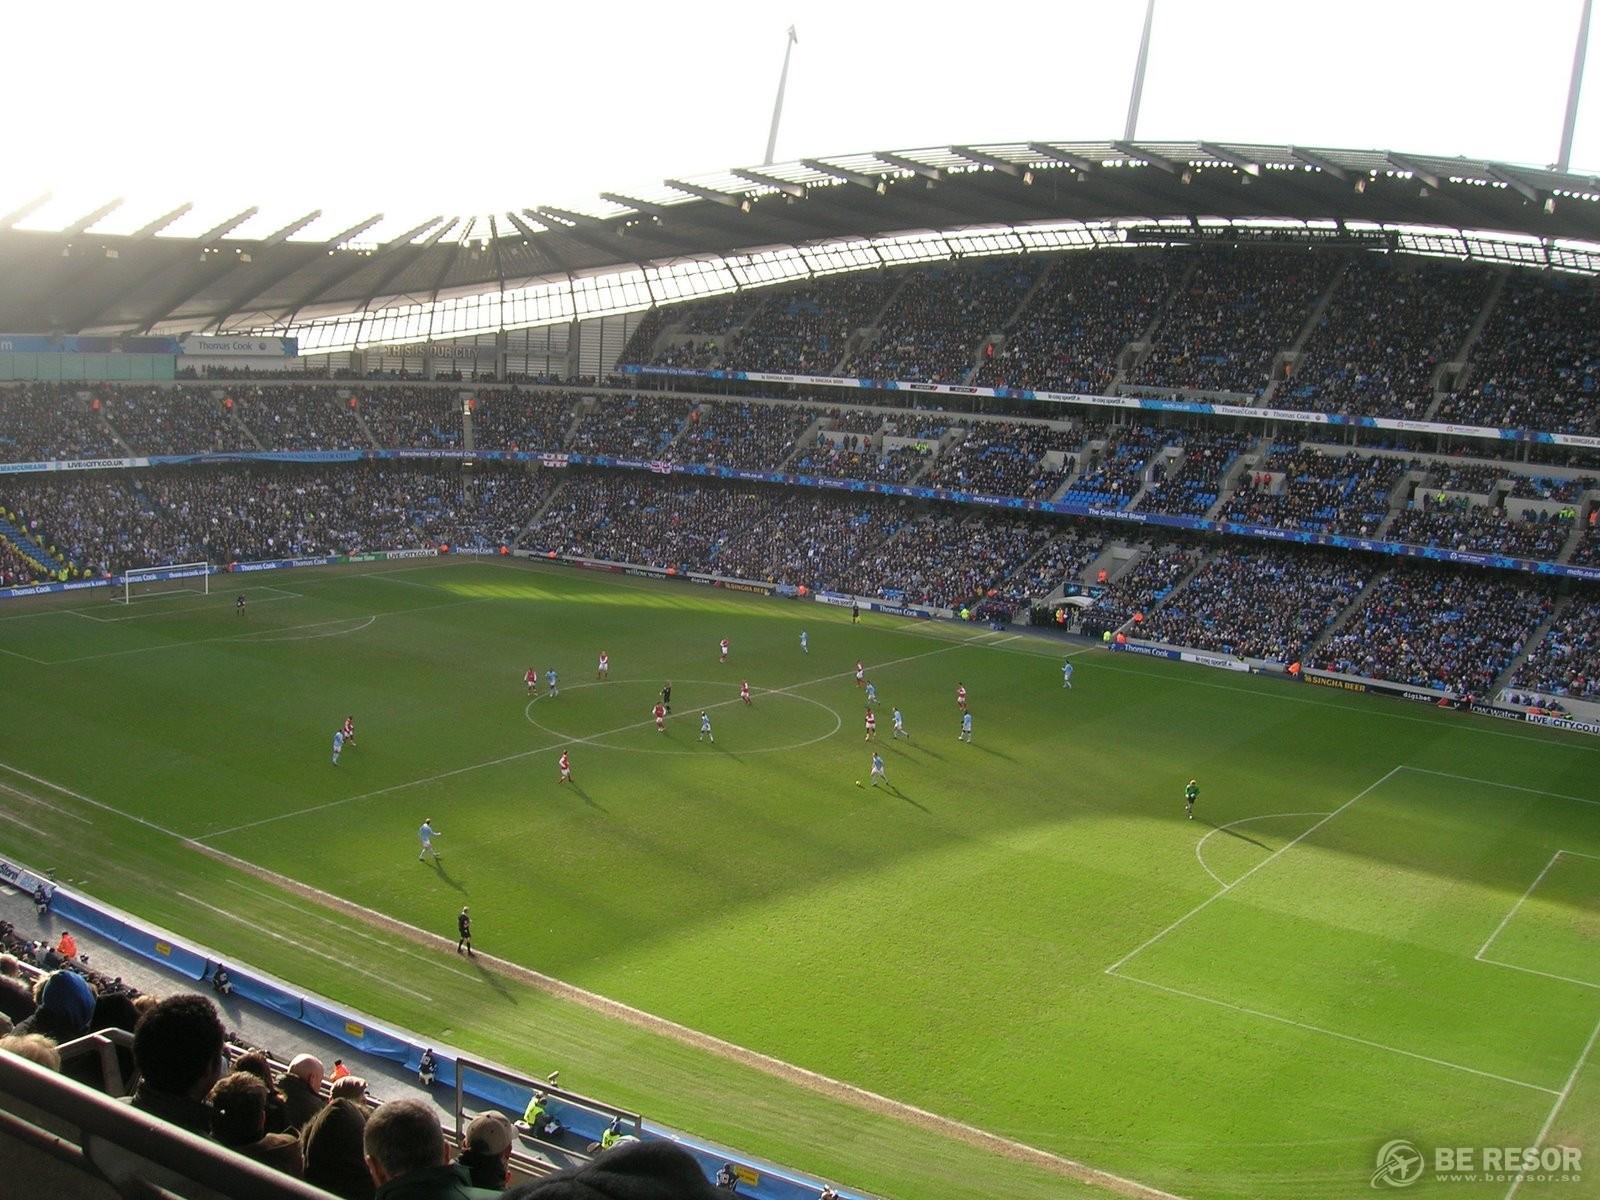 Fotbollsresor till Manchester City